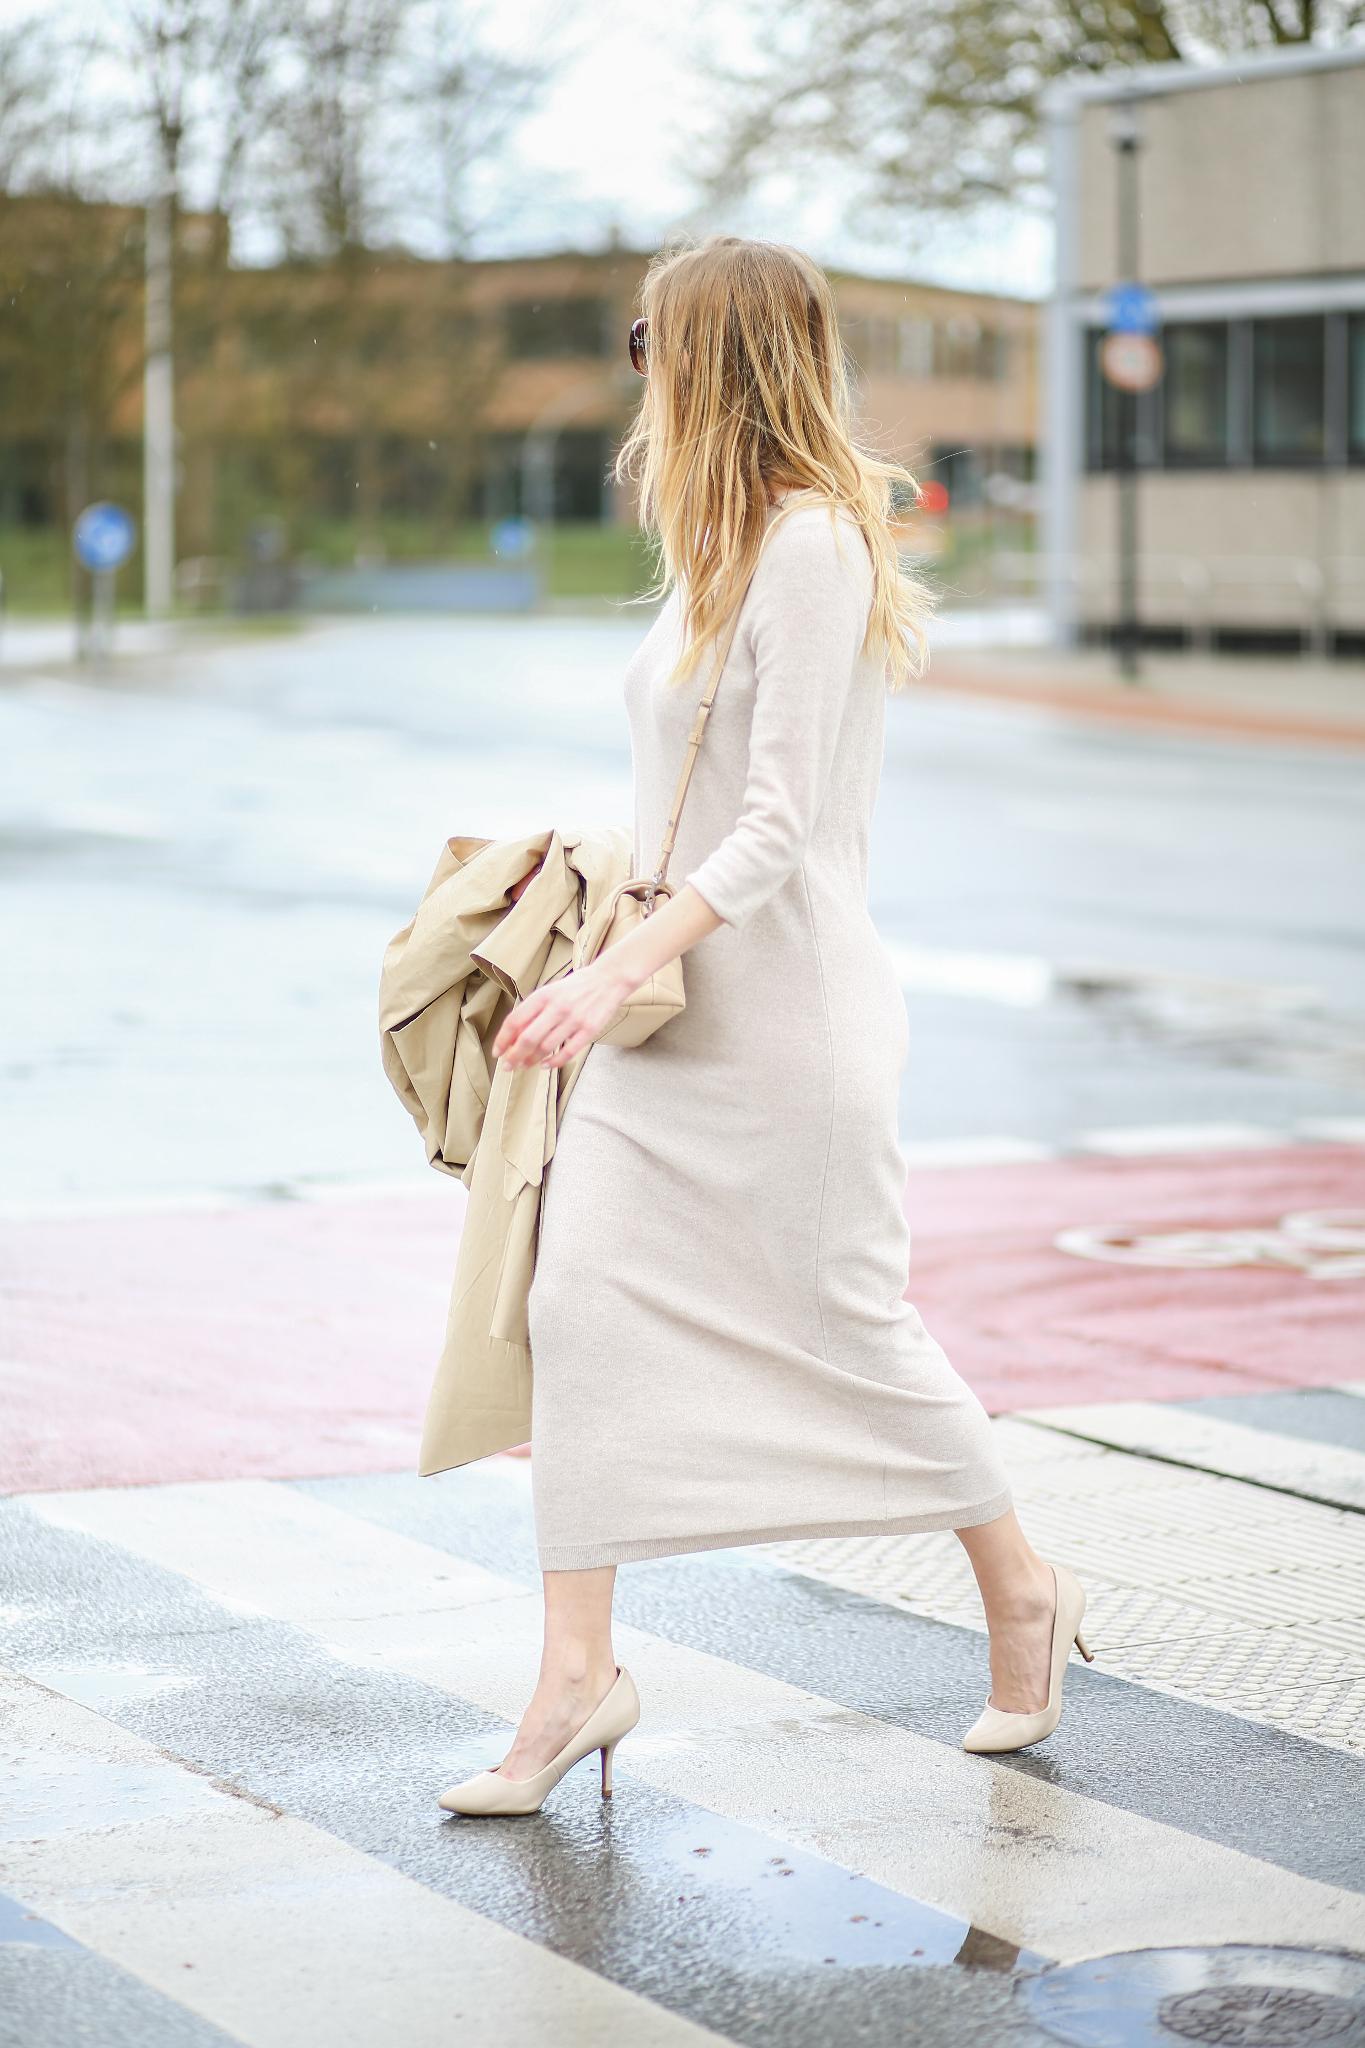 MOD-by-Monique-Fashion-Looks-The-cashmere-dress-4